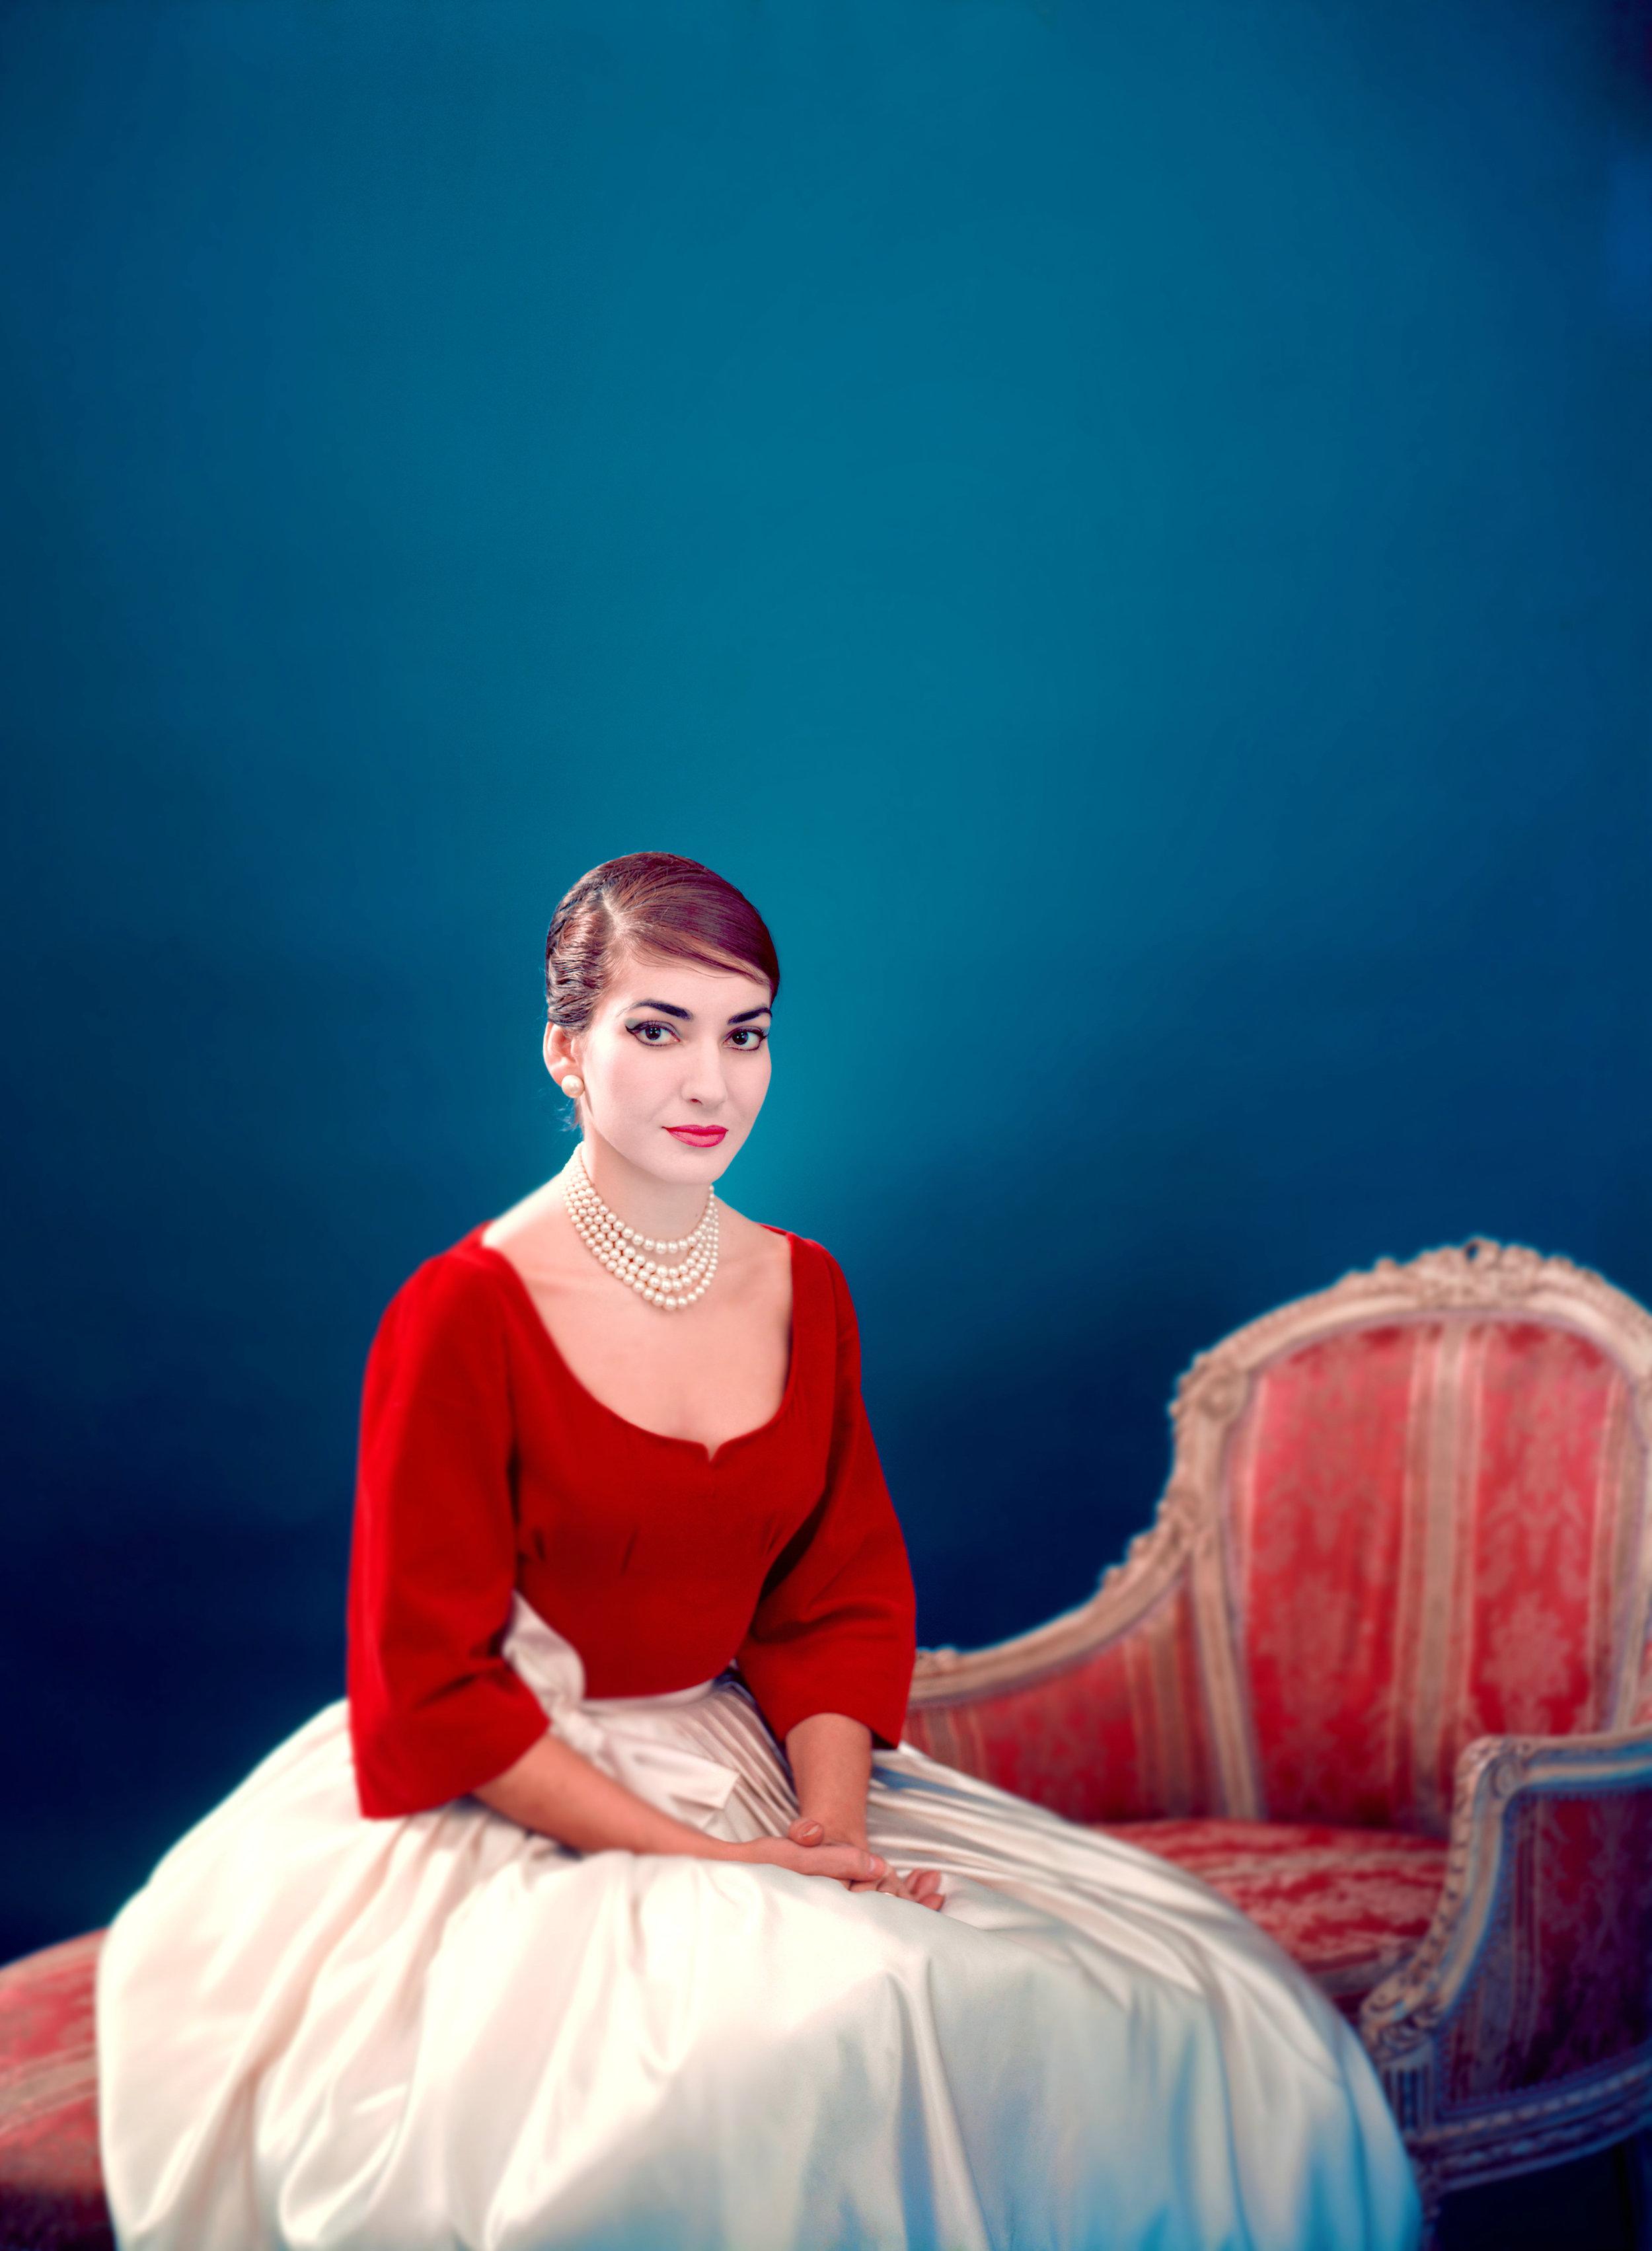 Maria Callas, New York 1958 © Fonds de Dotation Maria Callas